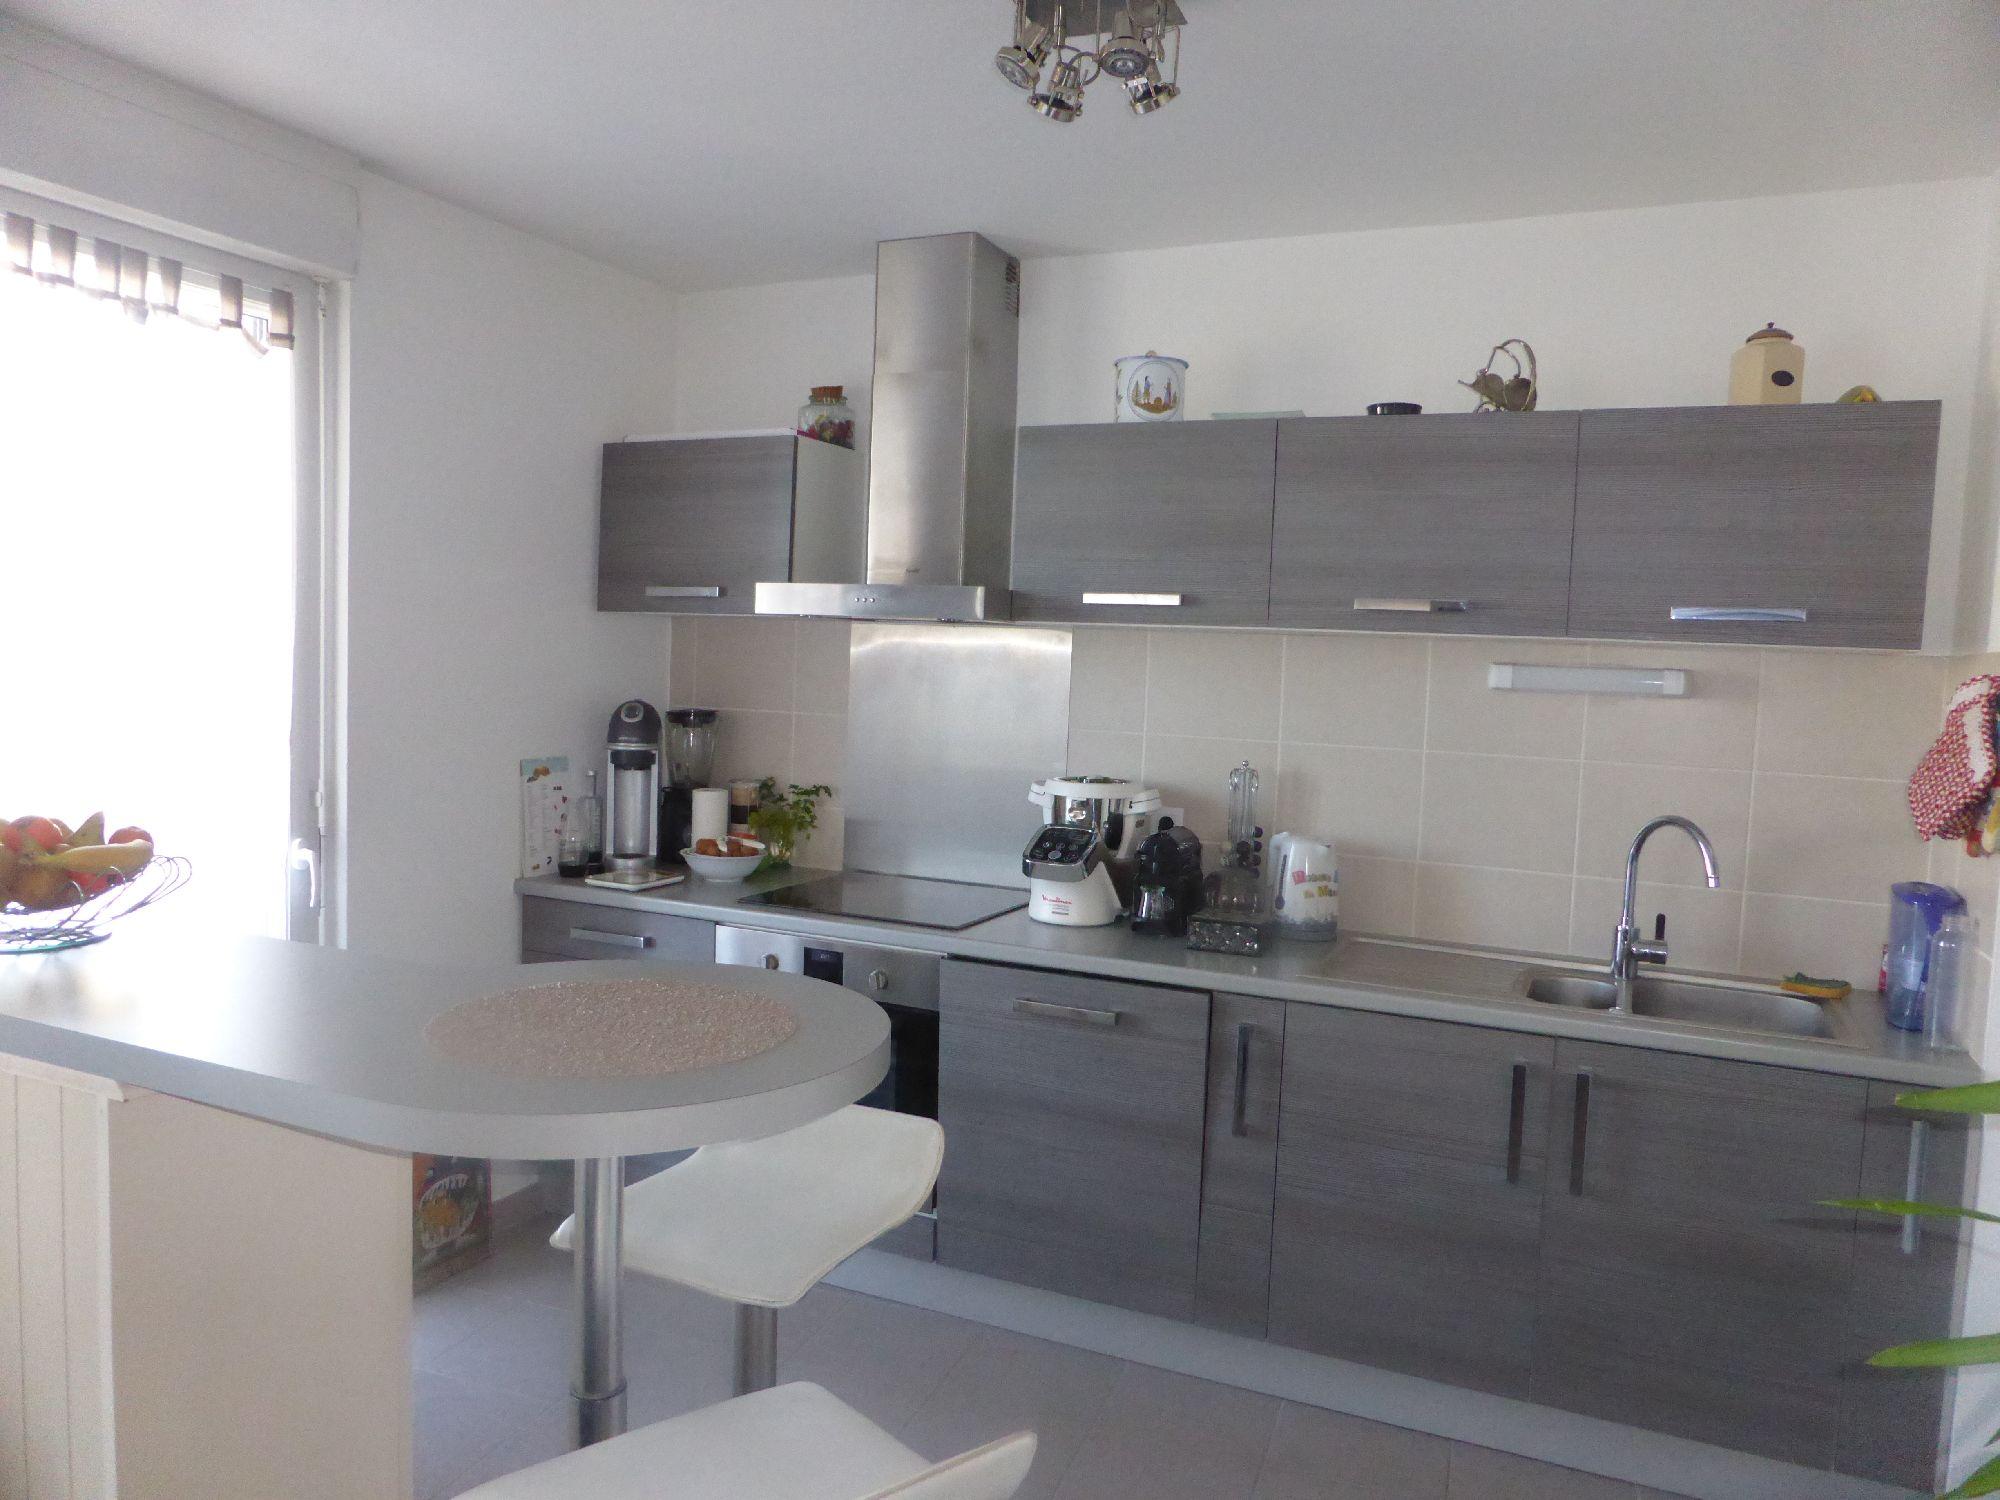 ANGERS Terra Botanica : Appartement de 67 m² habitables dans une résidence de standing de…